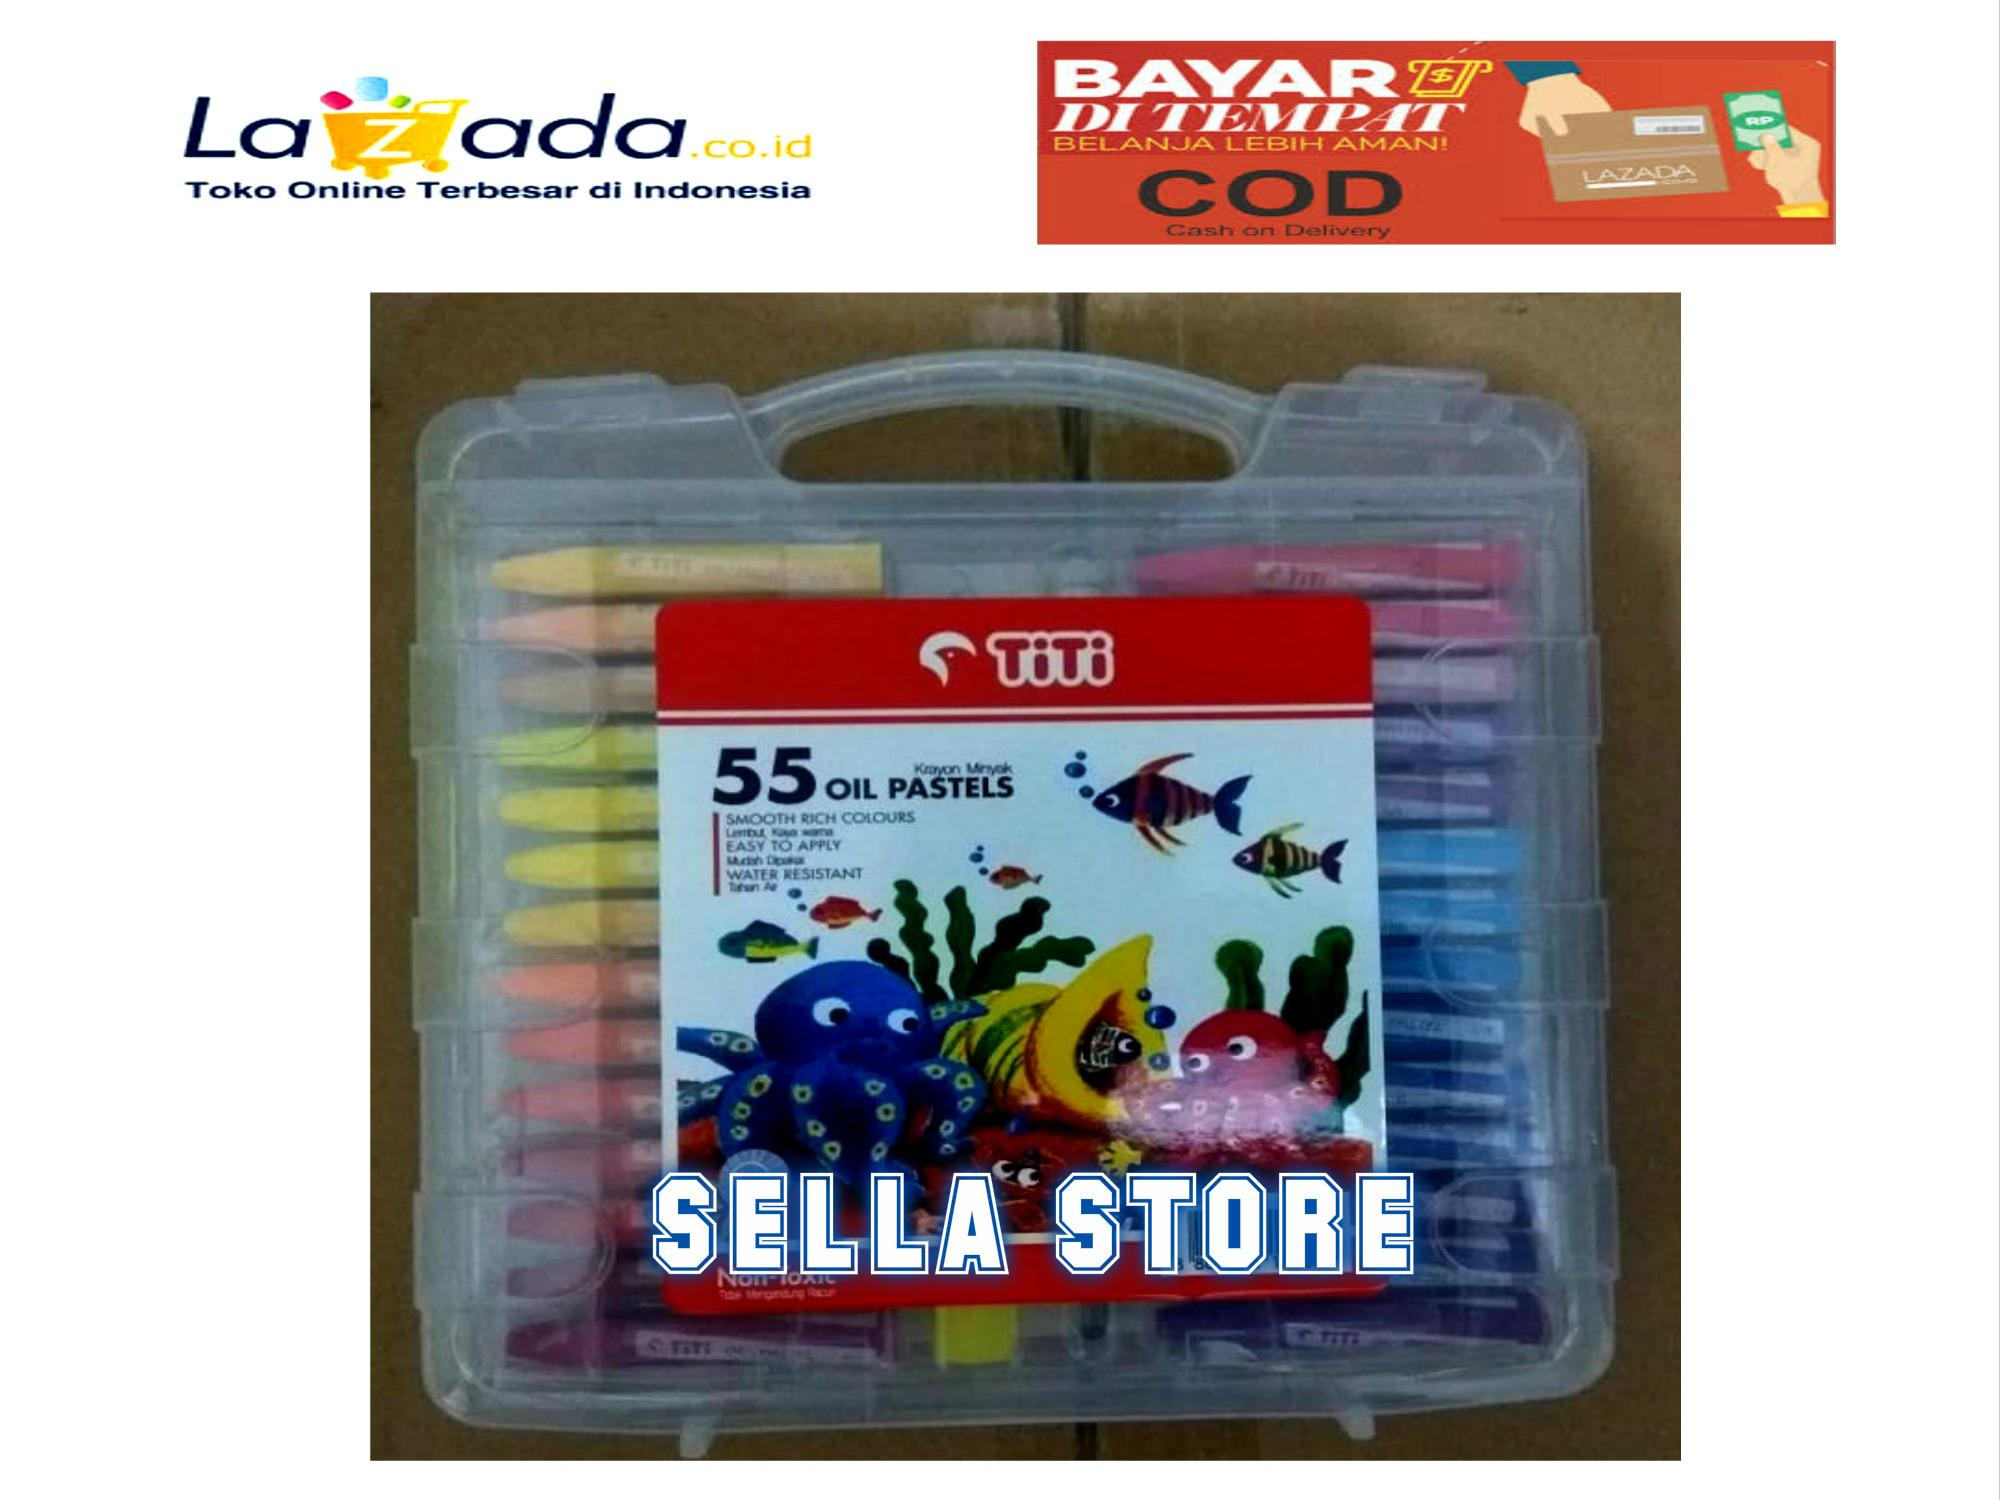 Hasil Mewarnai Gambar Crayon Warna Warni Gambar